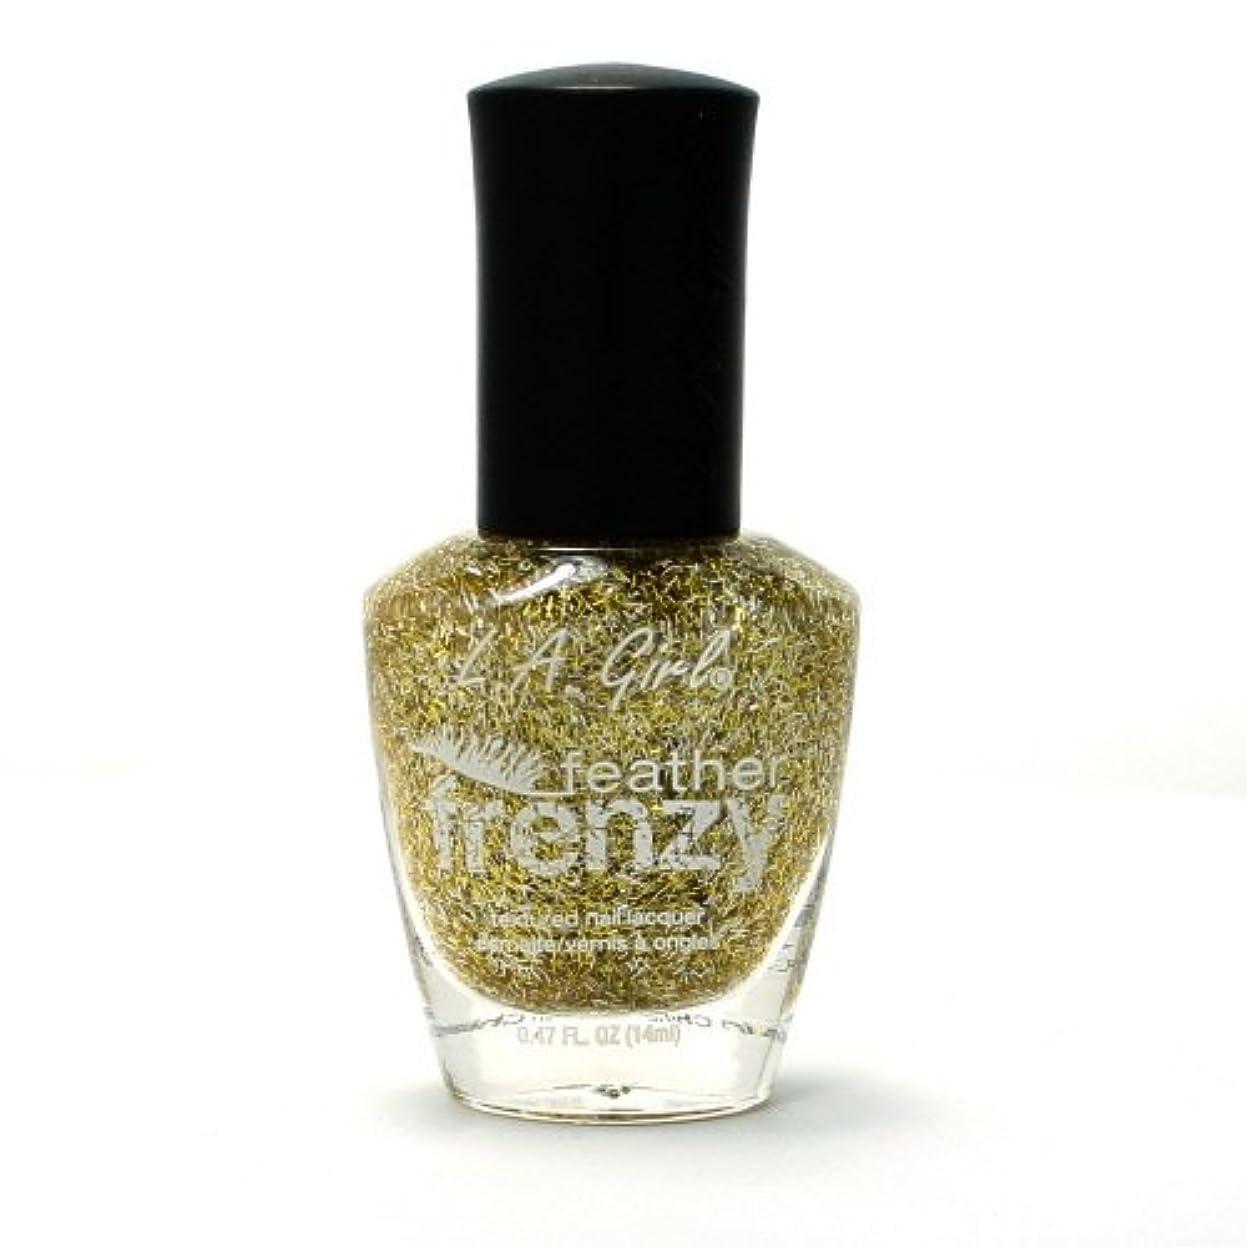 ロッカー肥料通行料金(3 Pack) LA GIRL Feather Frenzy Nail Polish - Canary (並行輸入品)